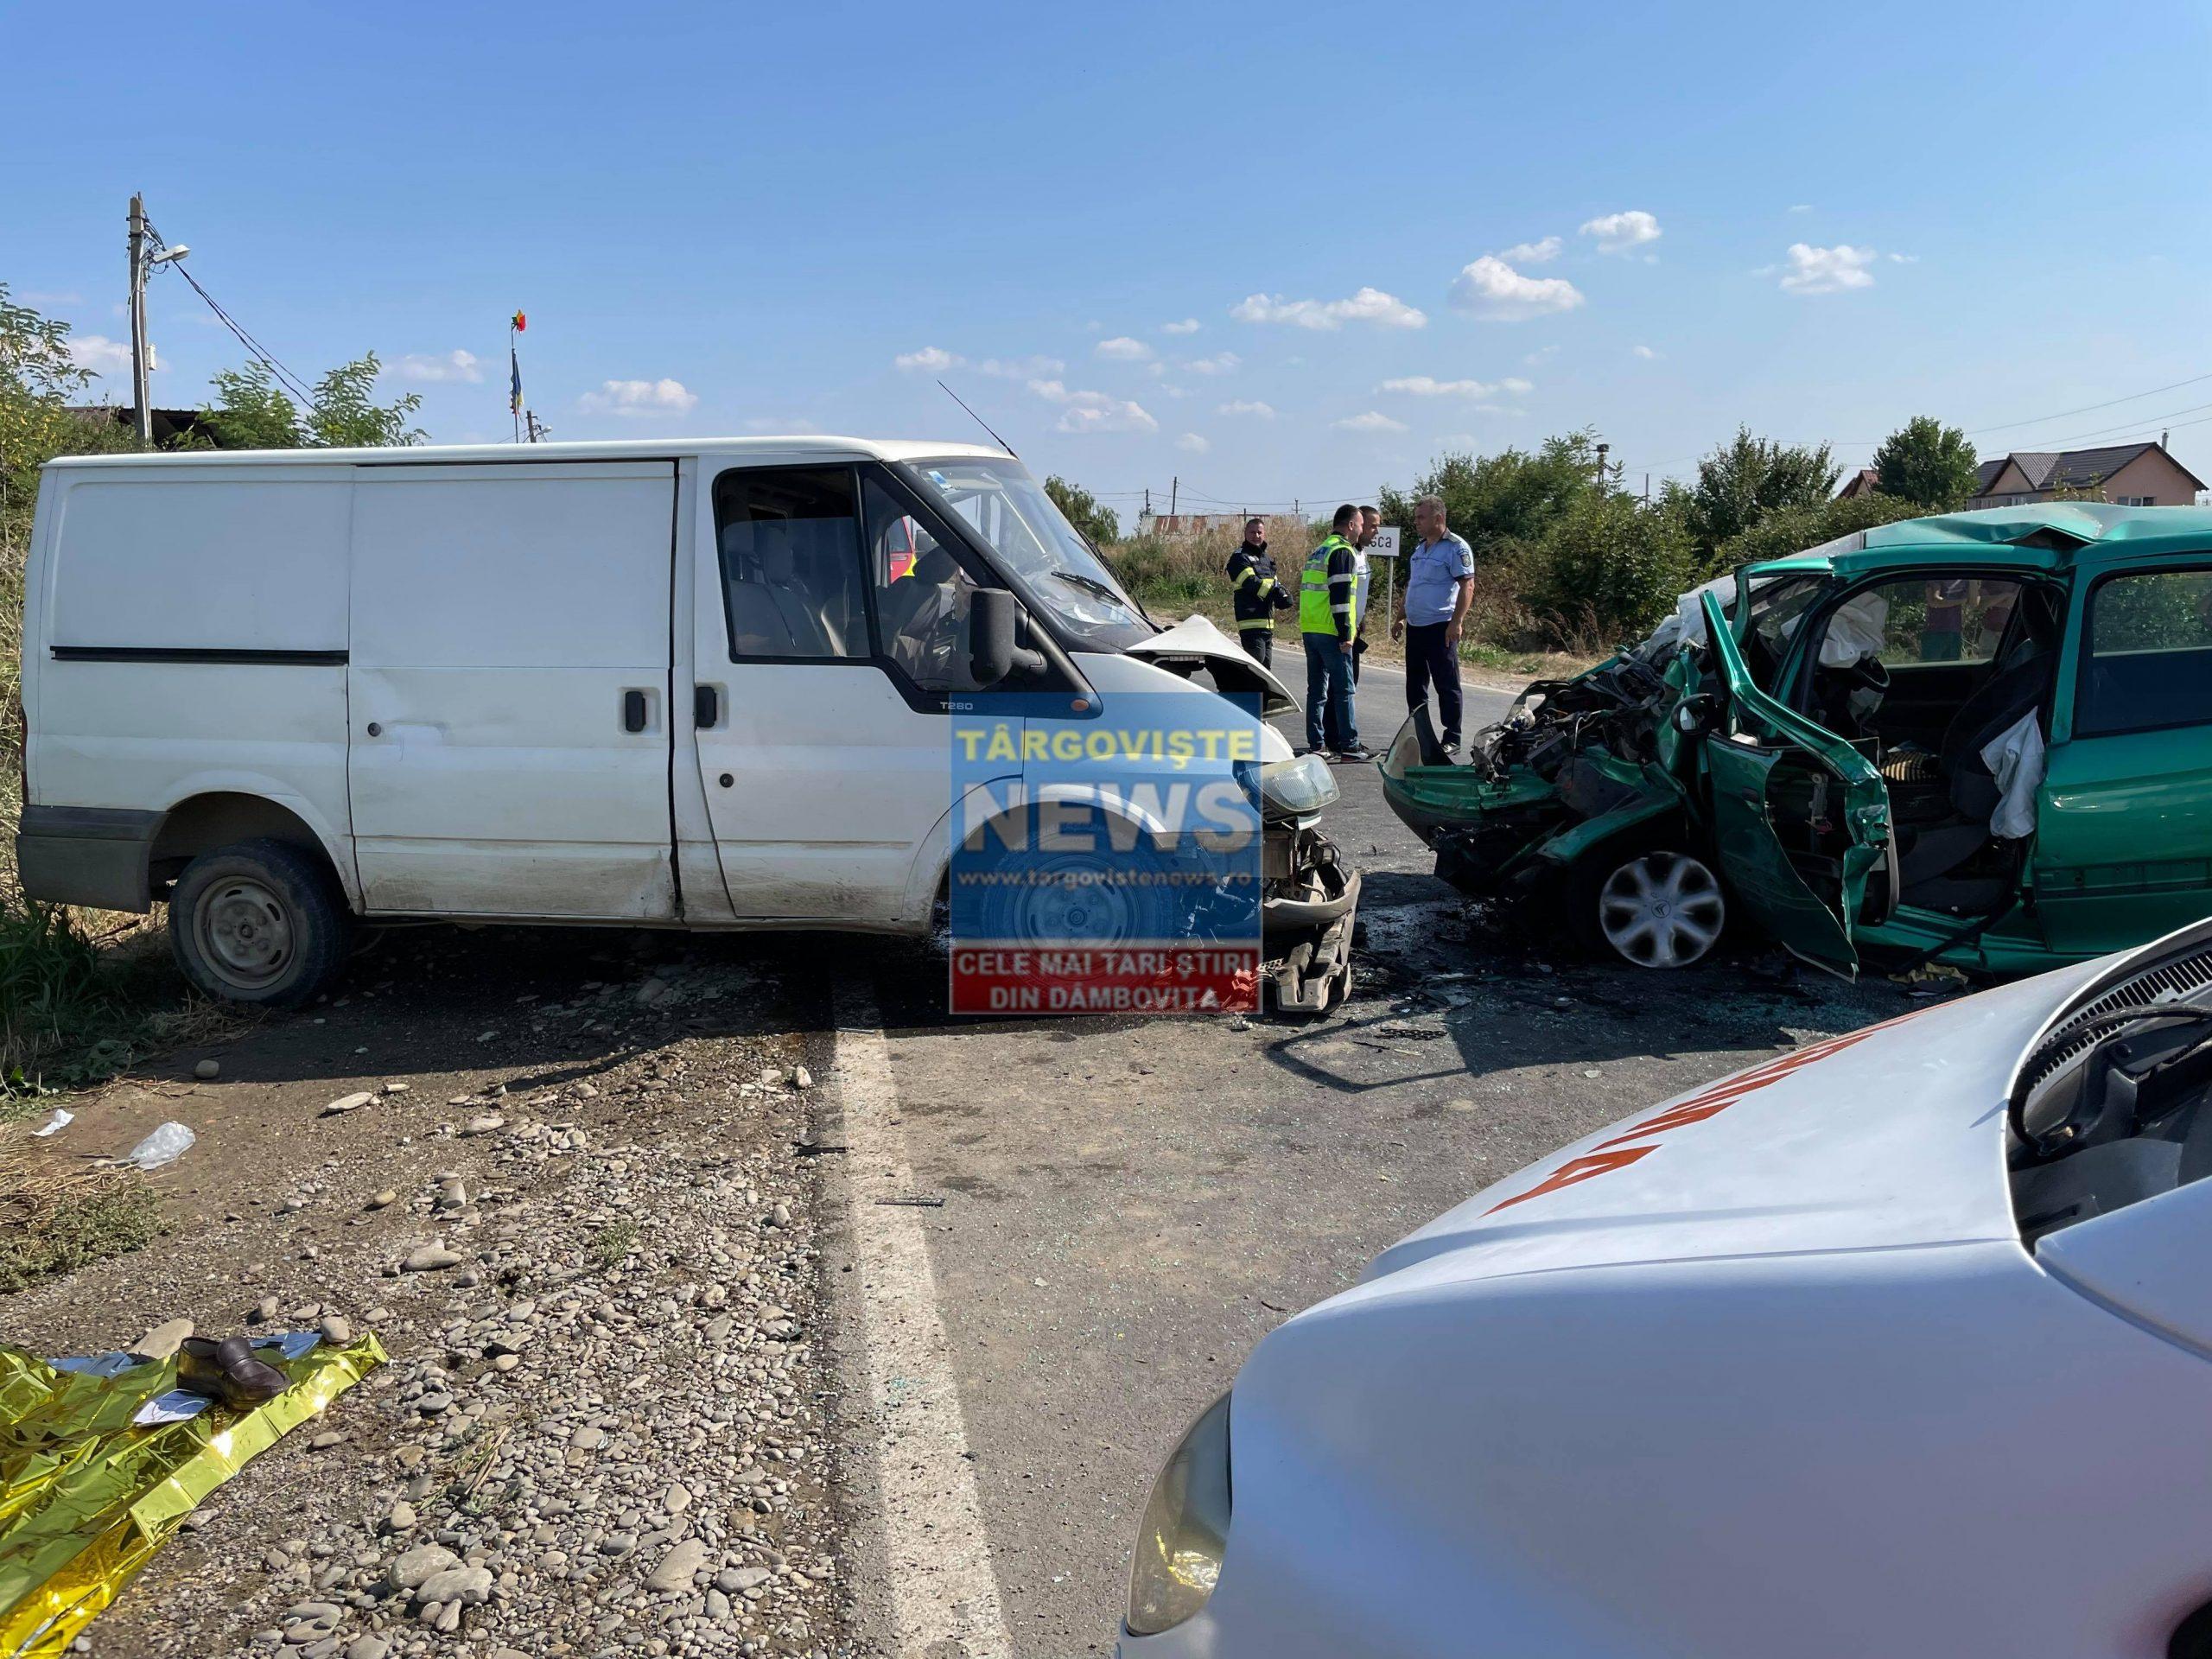 FOTO-VIDEO. Tragedie pe DN 7, la Lungulețu. Un om a murit și altul este grav rănit, după o depășire fatală